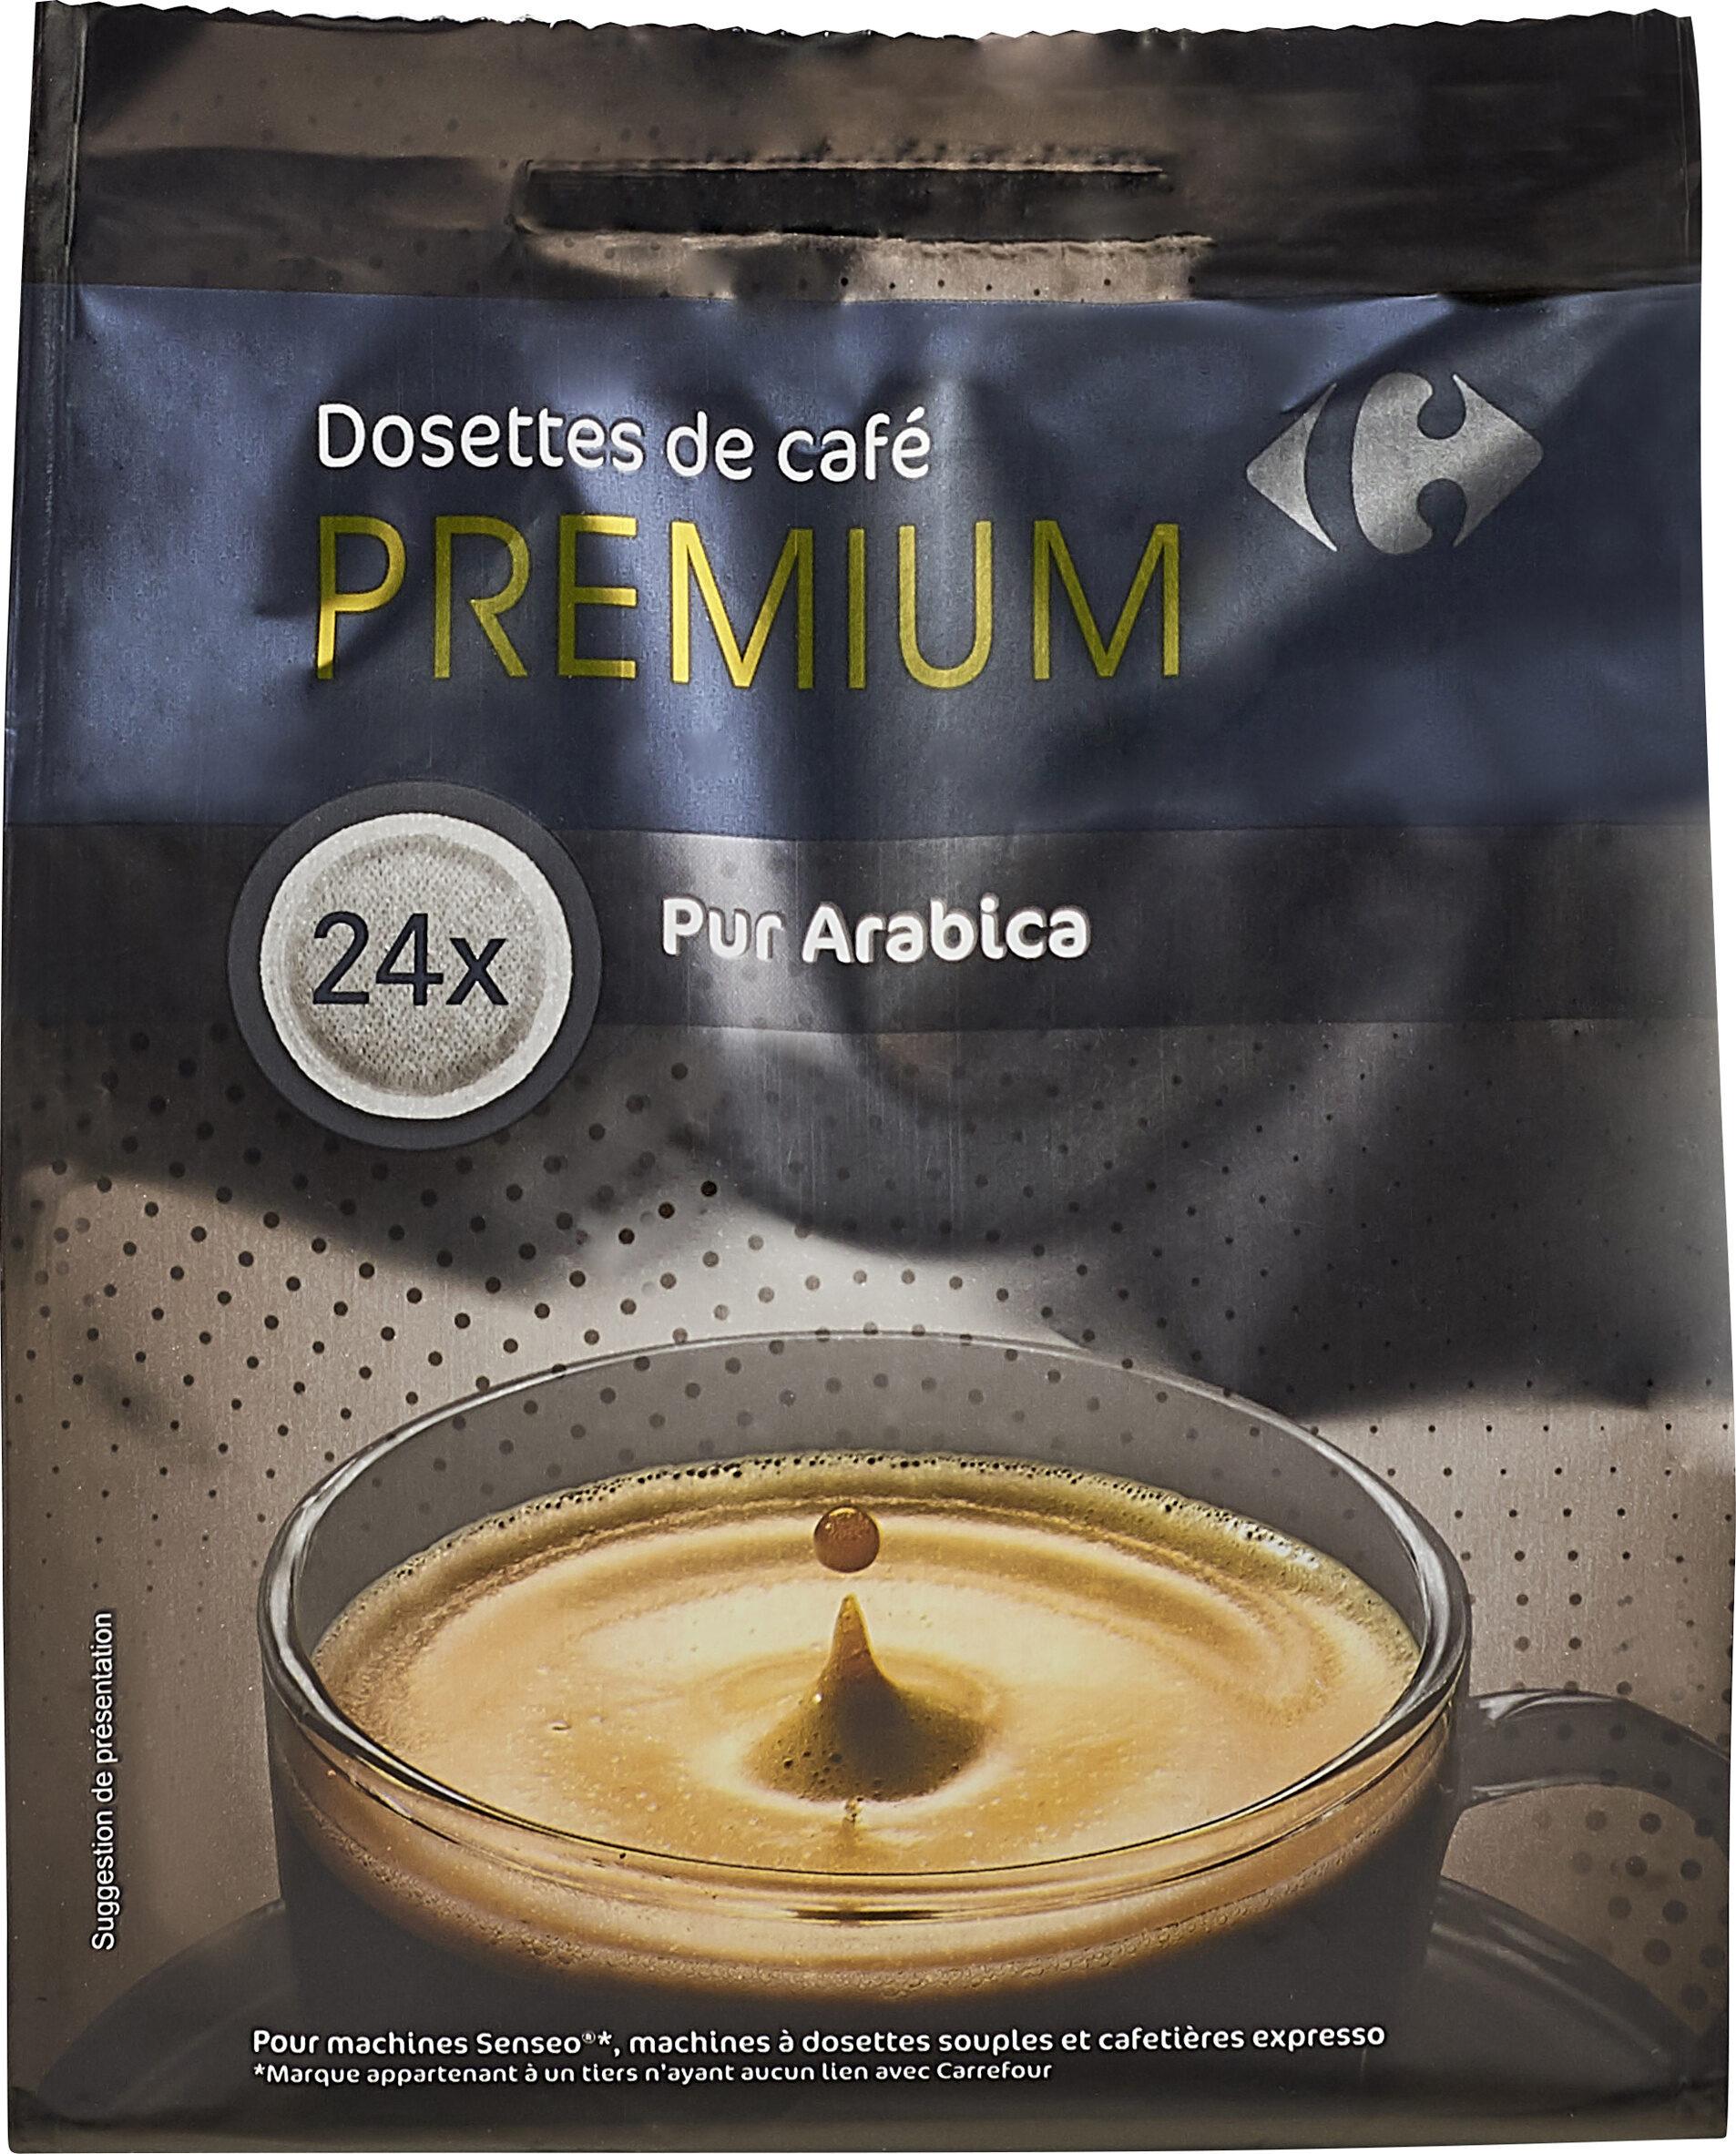 Dosettes de café Premium - Product - fr